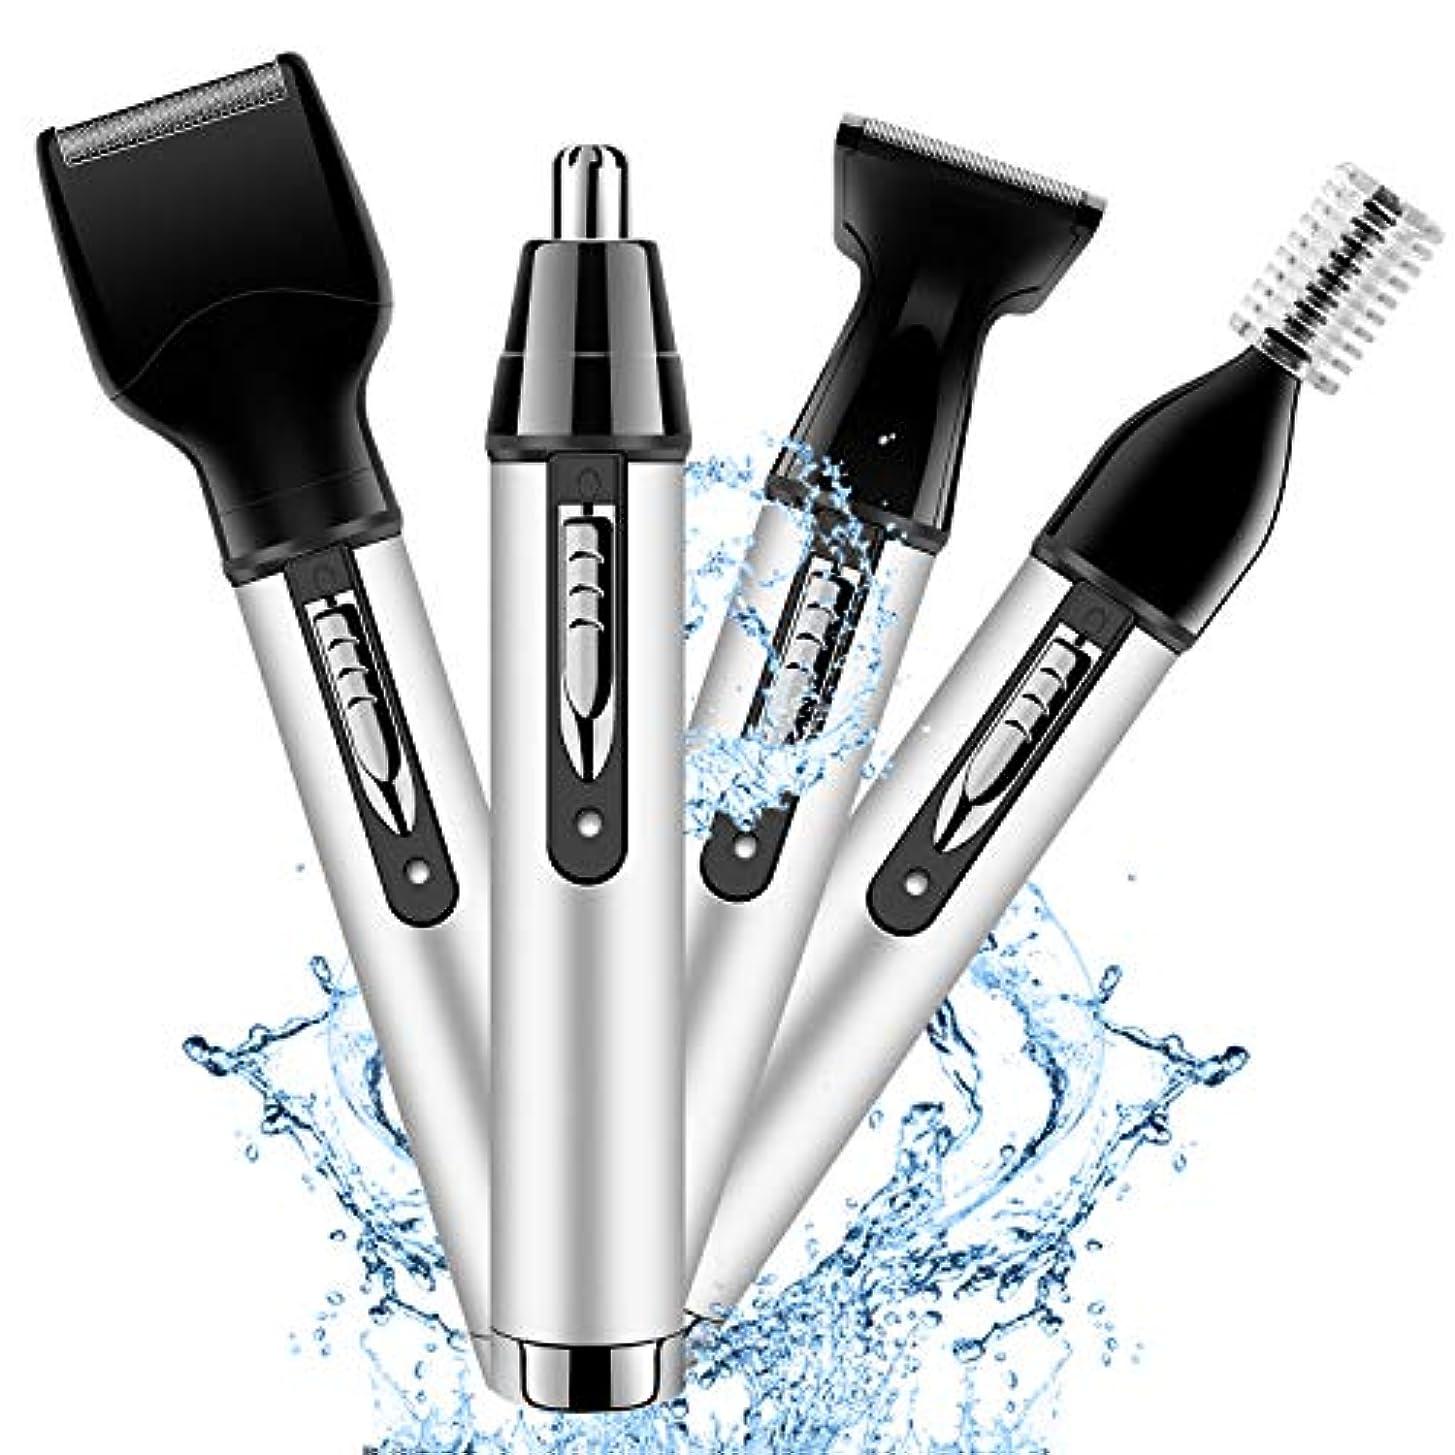 櫛苦行オーラルA-tion 電動式カッター 鼻毛カッター 眉シェーバー 耳毛カッター ボディ用 ひげそり 内刃水洗い可能 4in1 多機能 USB充電式(黑い)